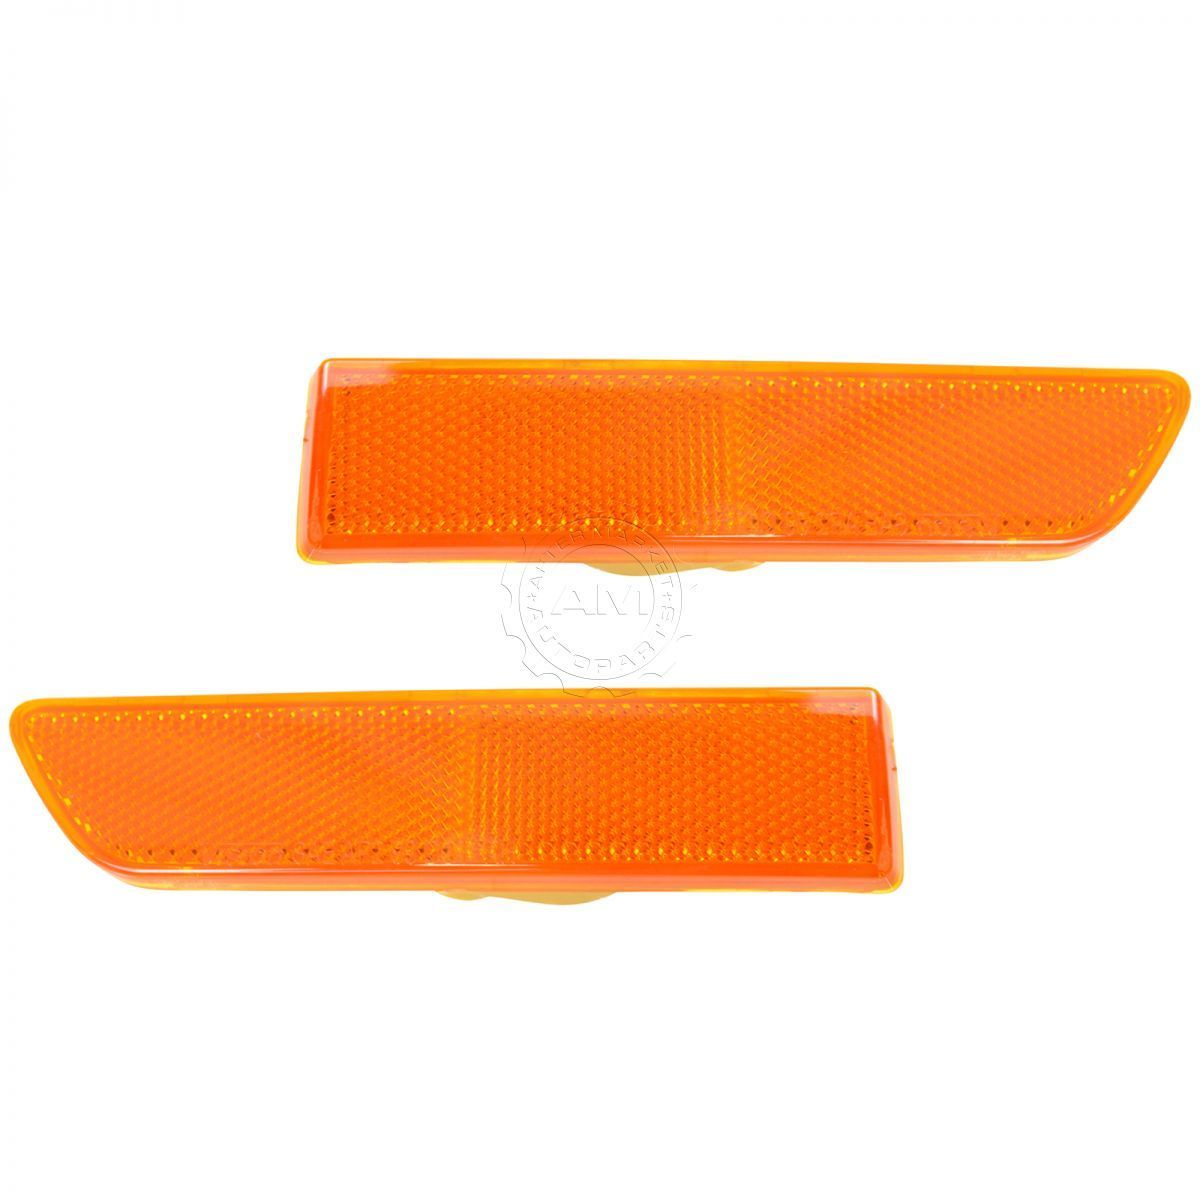 コーナーライト Turn Signal Side Marker Parking Signal Light Lamp Pair Set for 01-03 Elantra ターンシグナルサイドマーカーパーキング信号ライトランプペアは01-03 Elantraのために設定